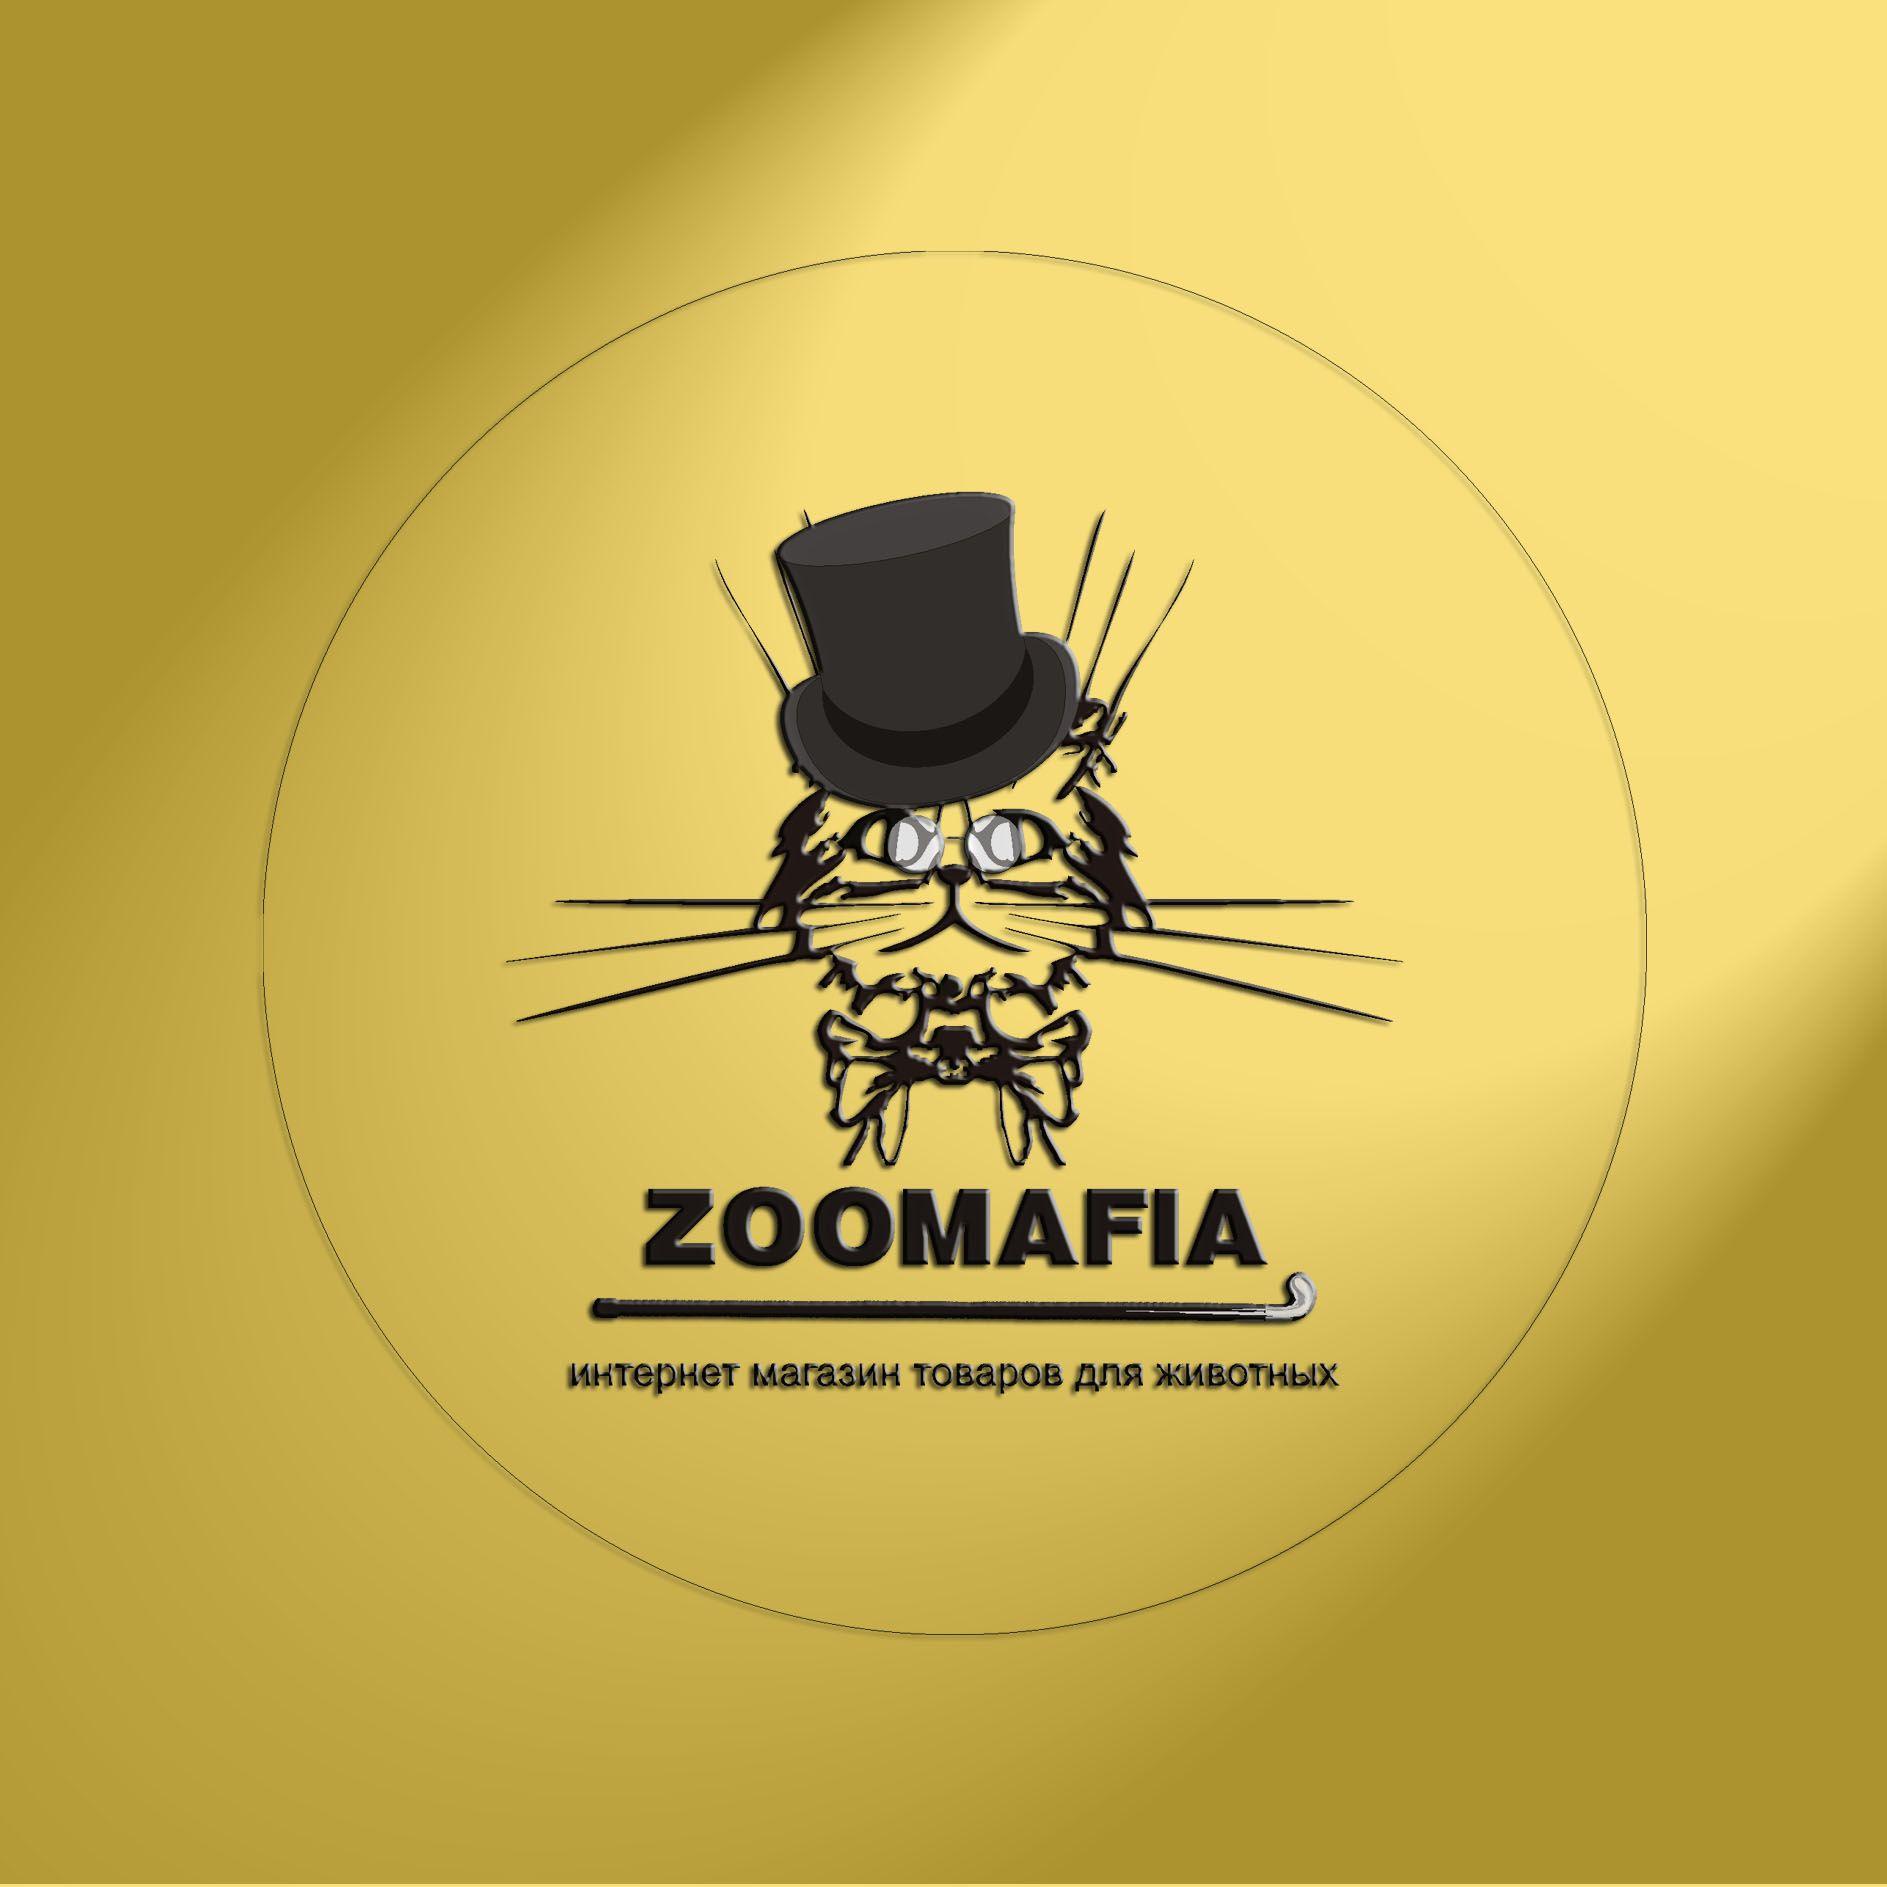 Логотип для интернет магазина зоотоваров - дизайнер jeckson1983